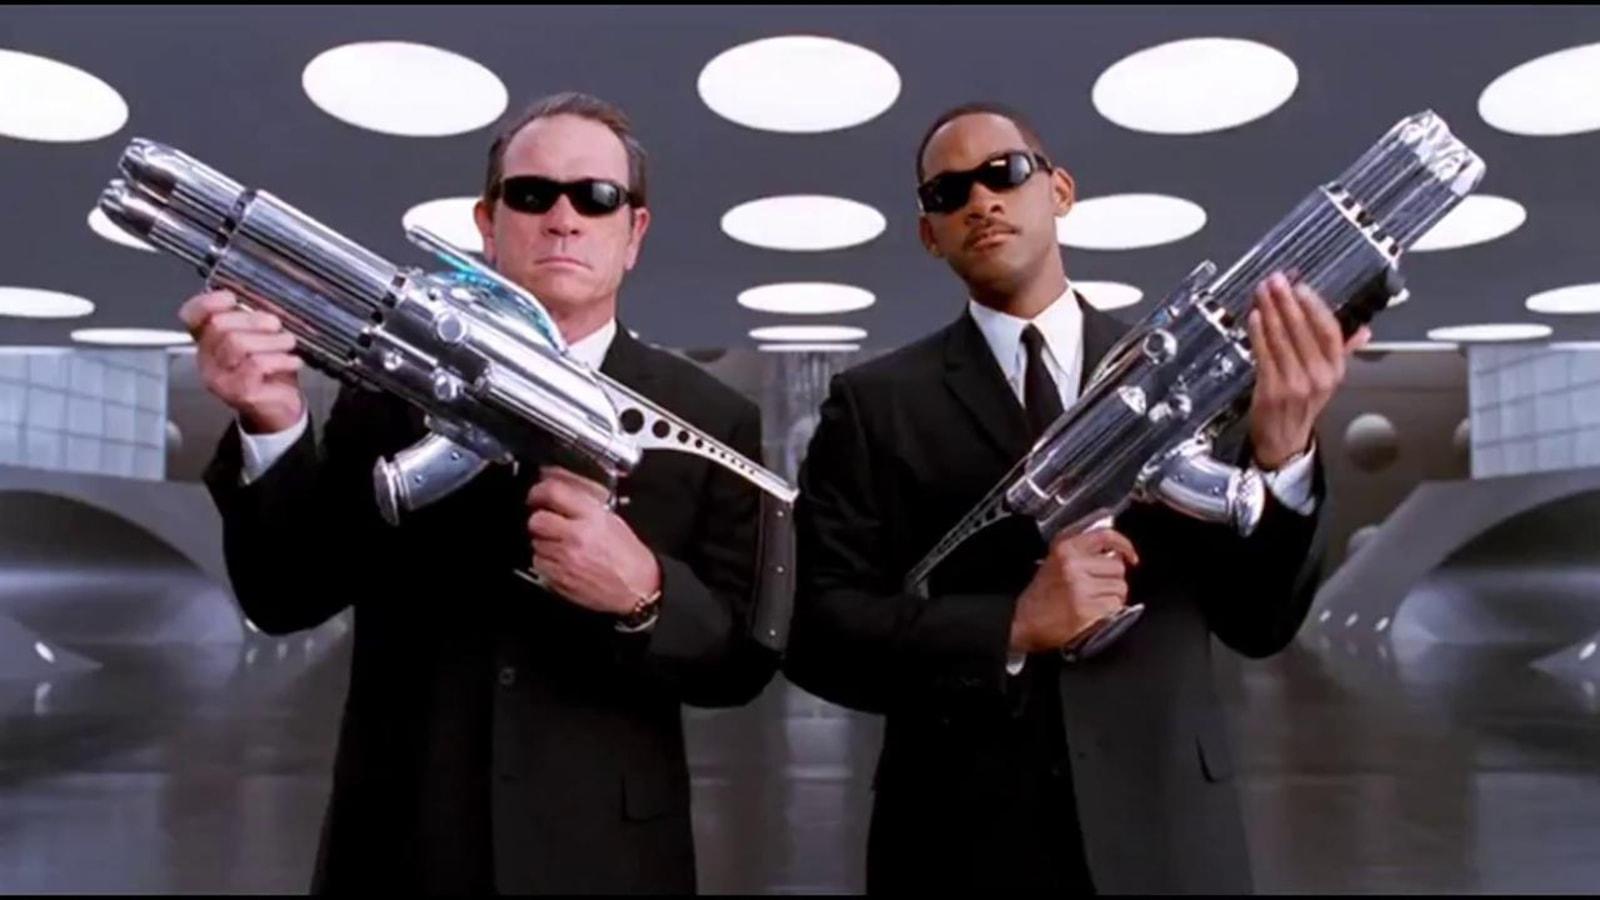 Deux hommes en costumes et lunettes noires tiennent d'énormes armes dans leurs bras